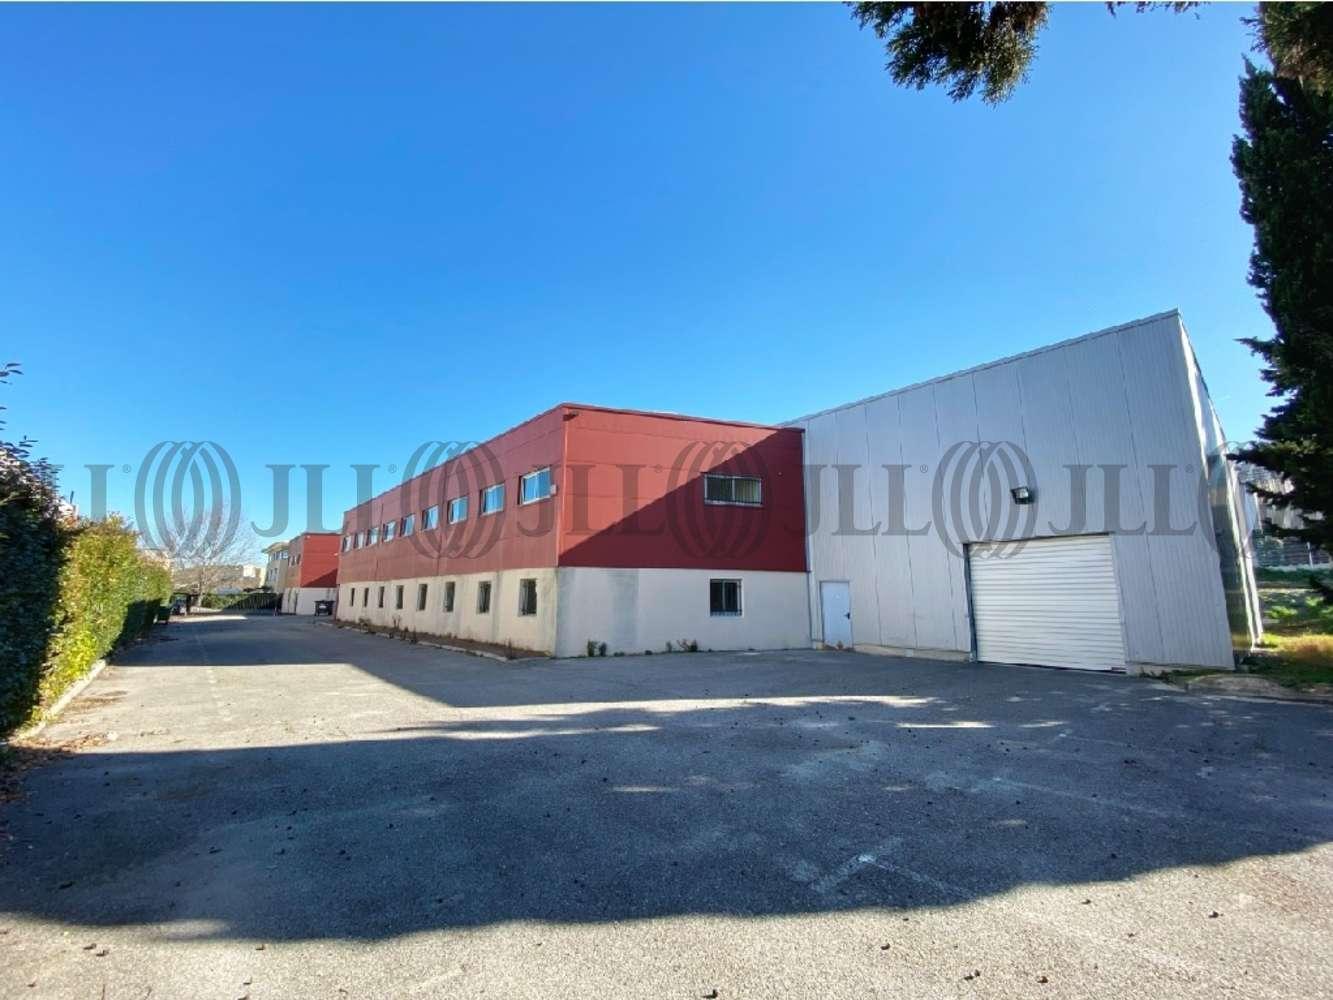 Activités/entrepôt Aix en provence, 13100 - ENTREPOT À VENDRE MARSEILLE